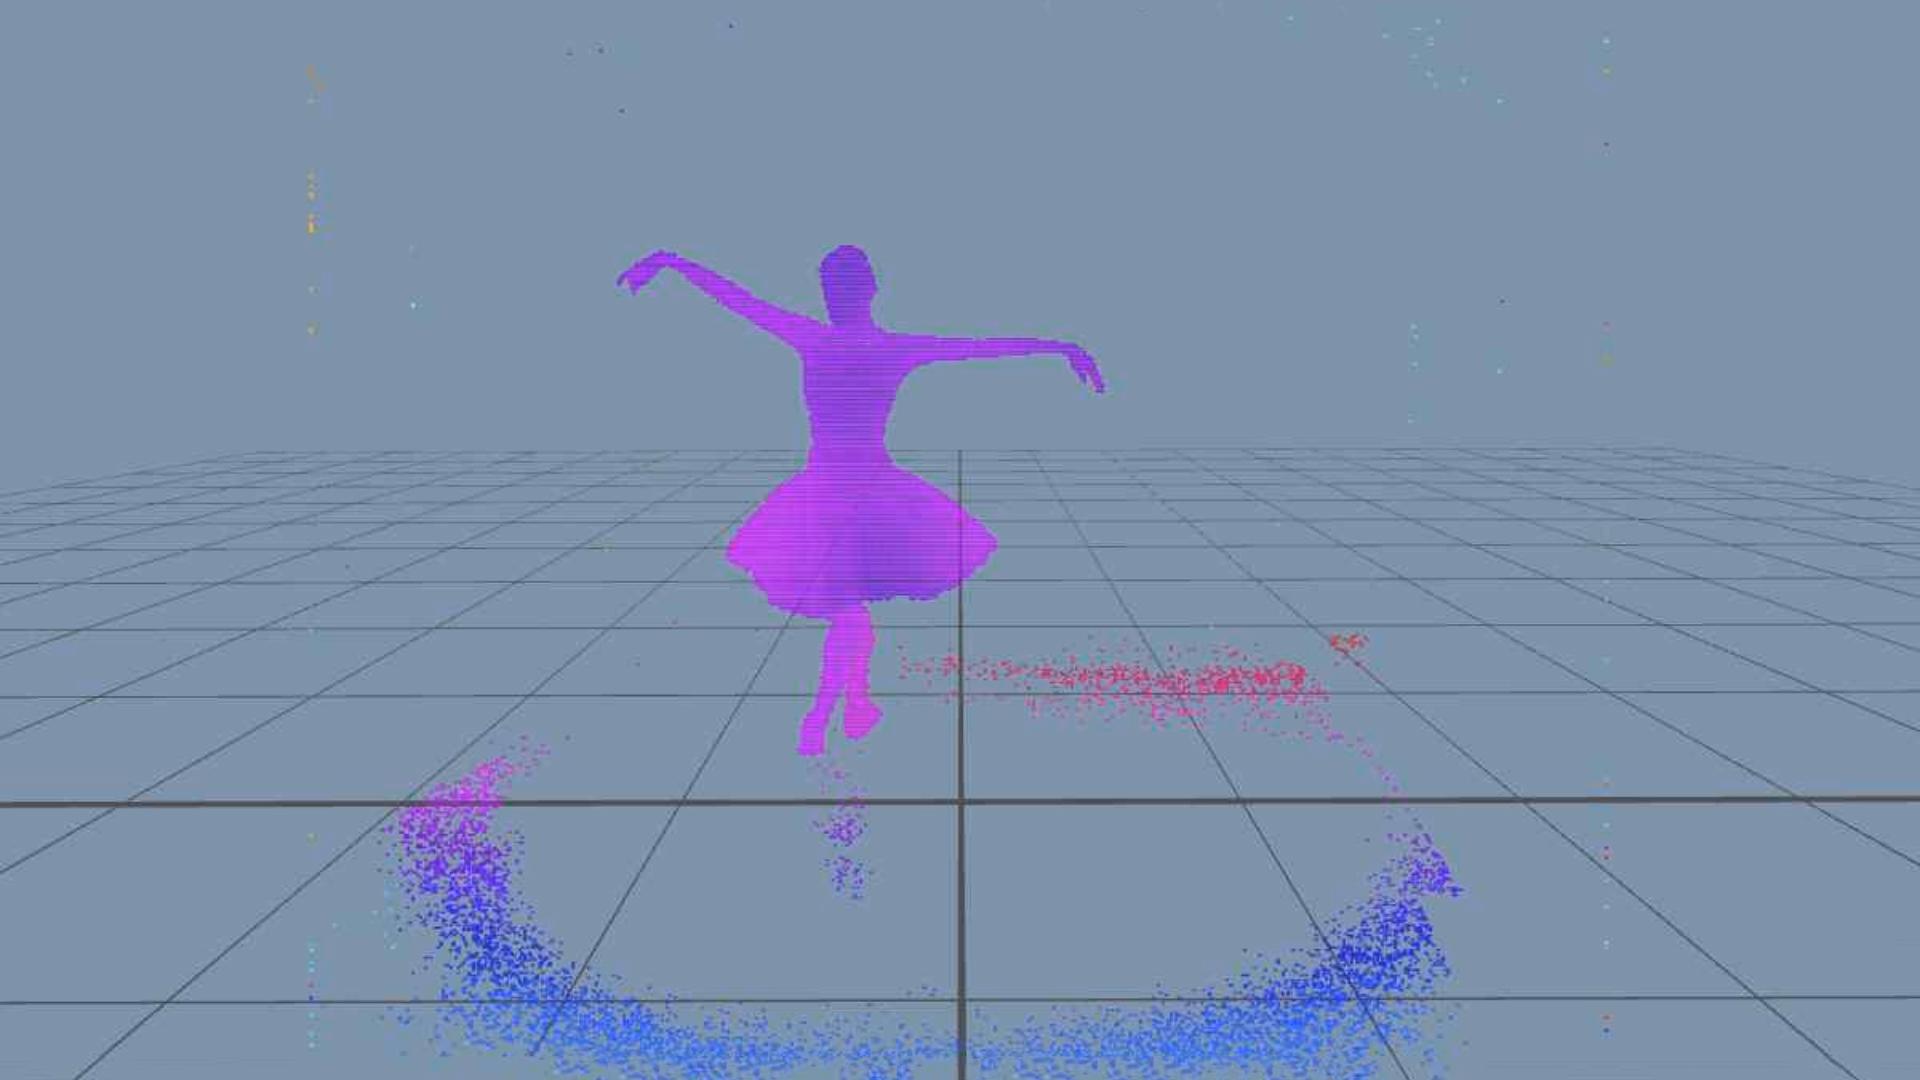 Kinect-3D-scan-capture-2.jpg